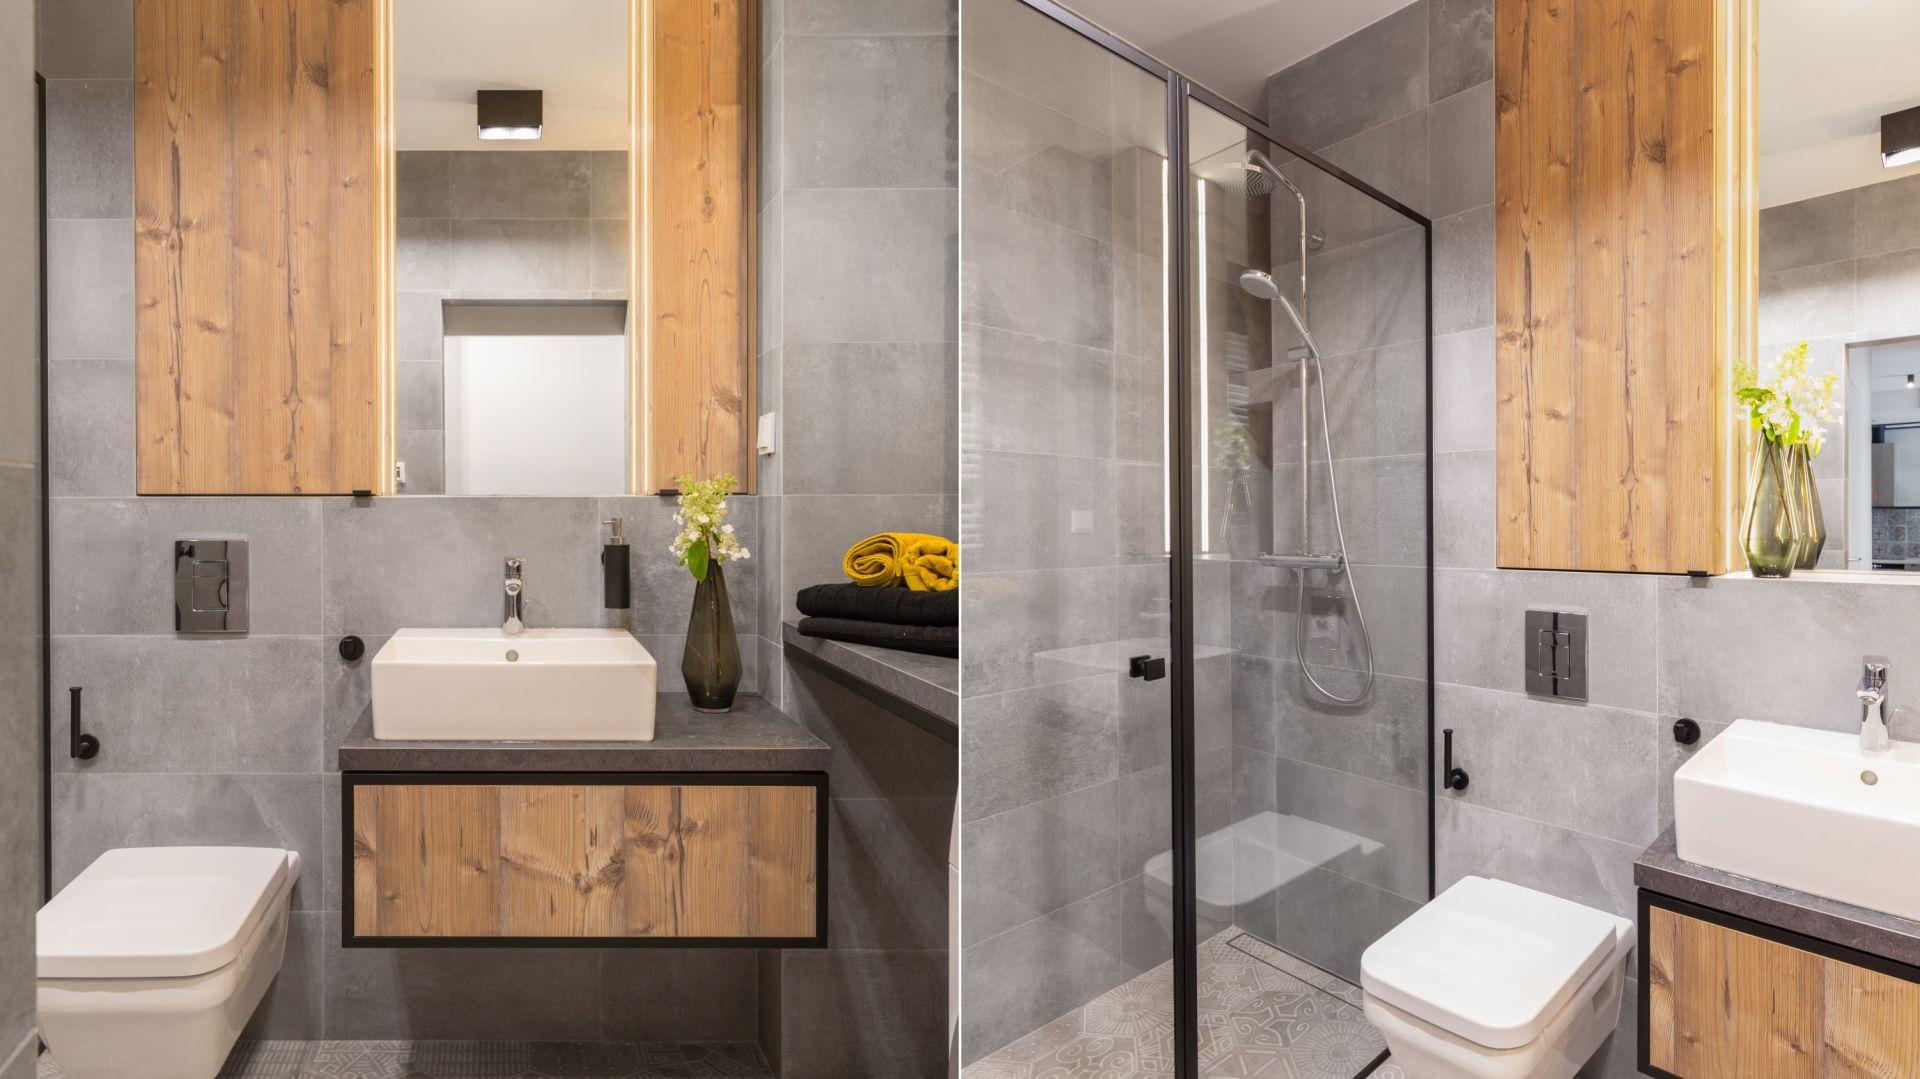 Pomysł na aranżację łazienki w stylu loft. Proj. Decoroom. Fot. Materiały prasowe Decoroom